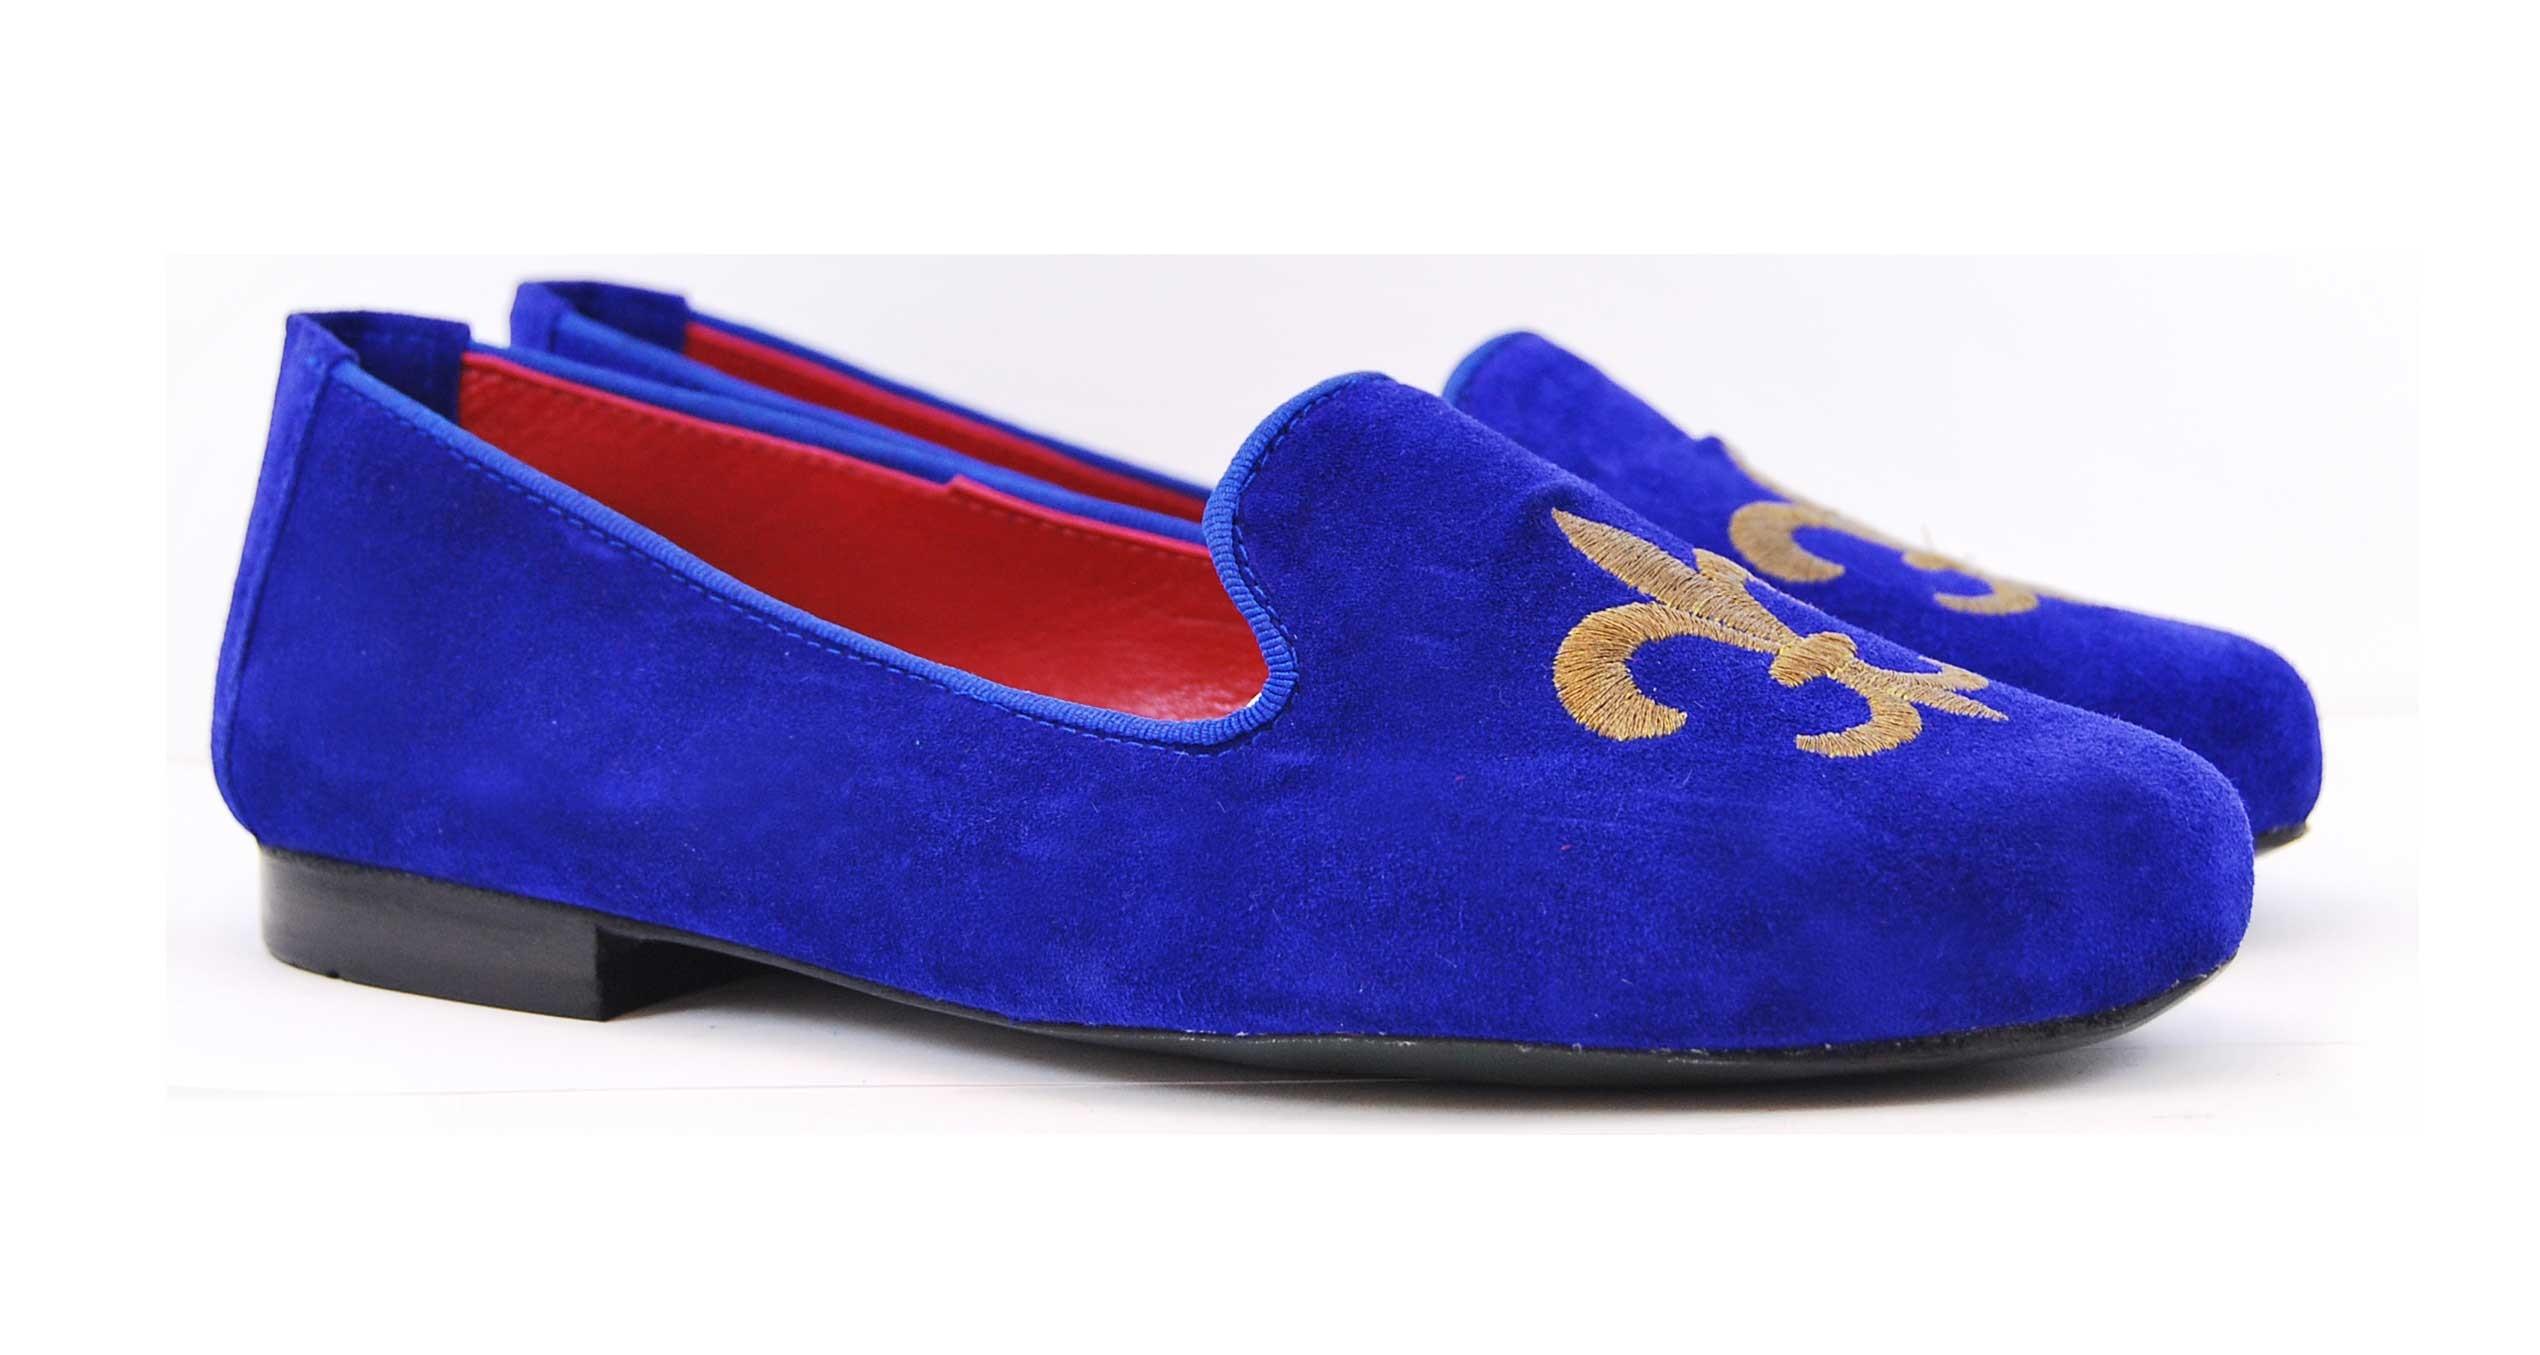 Foto 5 de Velvet slippers azulon 884 bordado flor de lis cobre